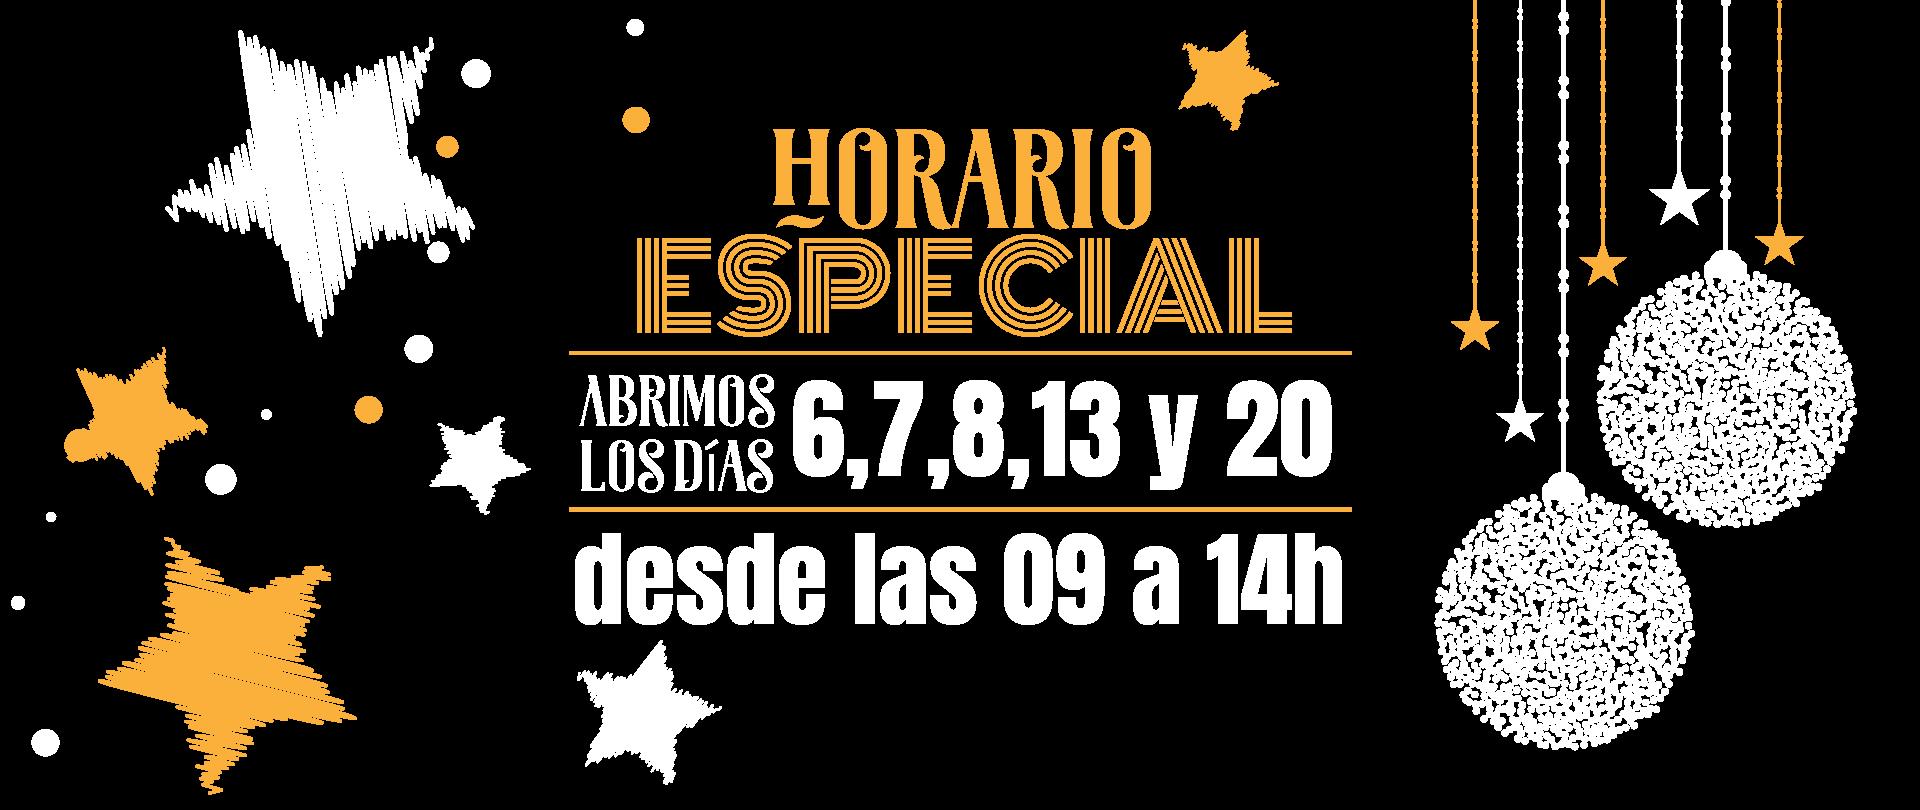 HORARIO ESPECIAL 12-2020